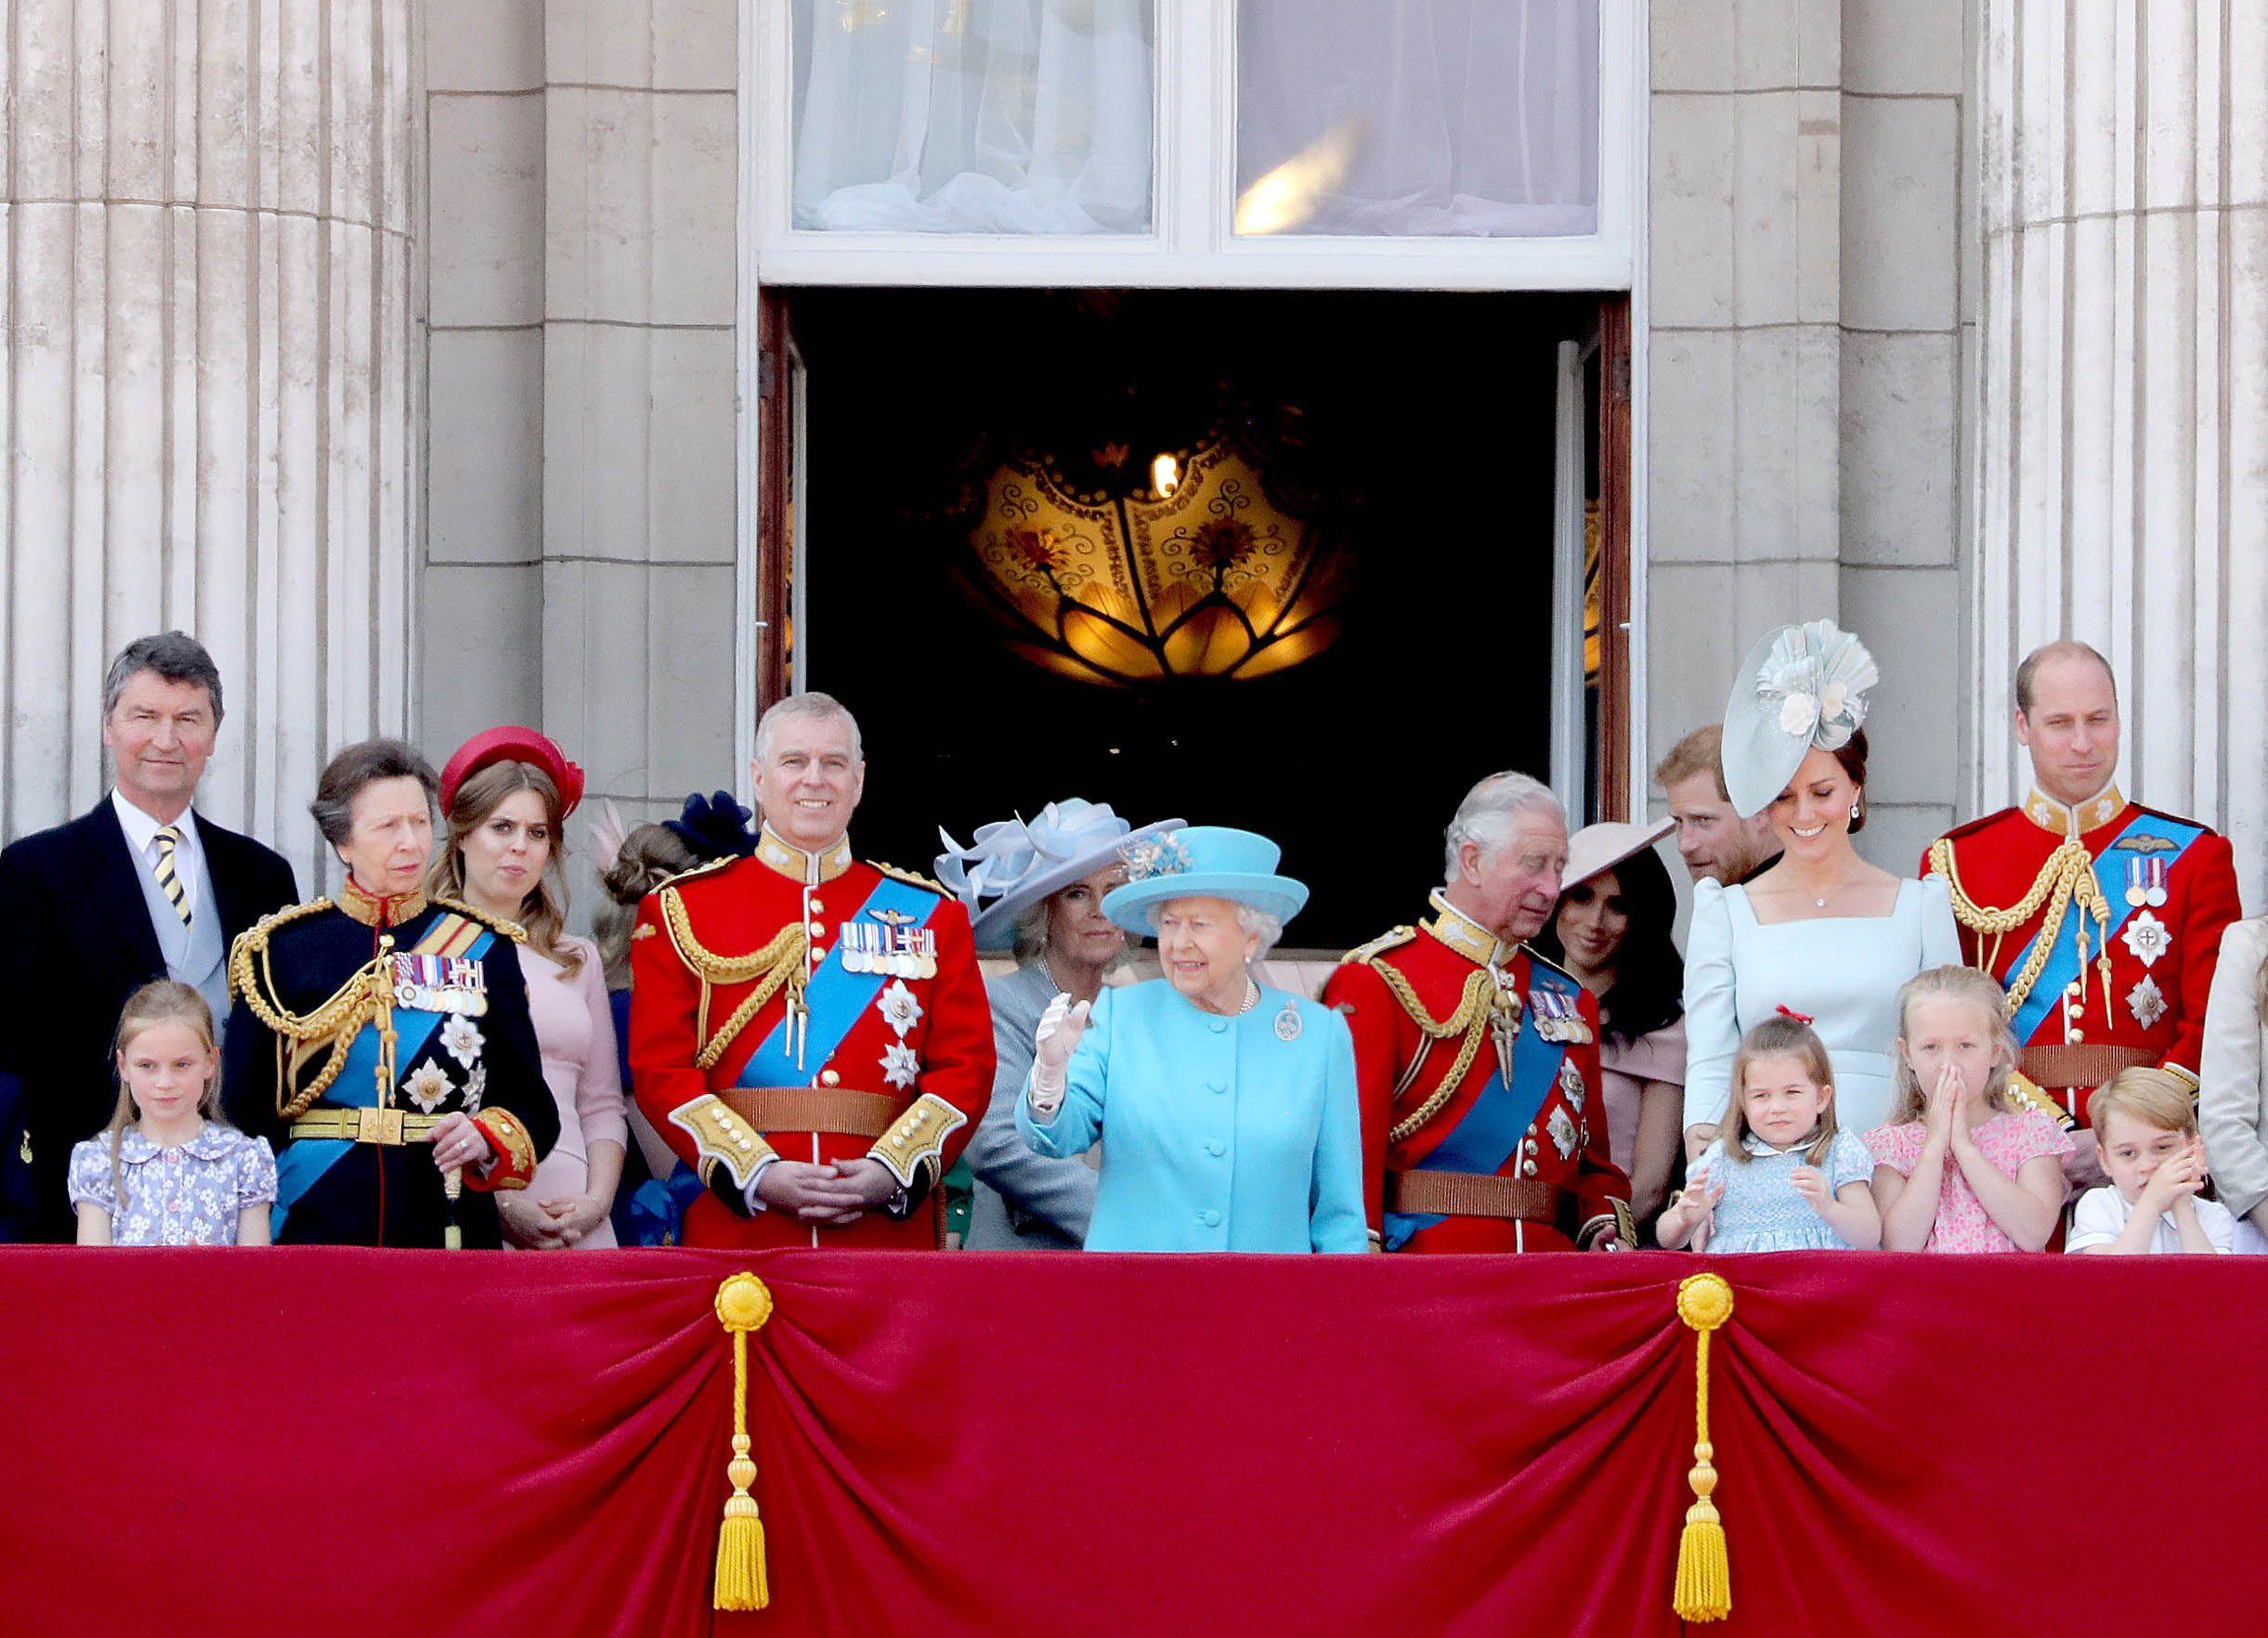 La familia real británica celebra Trooping The Colour durante el cumpleaños oficial de la reina Isabel II.